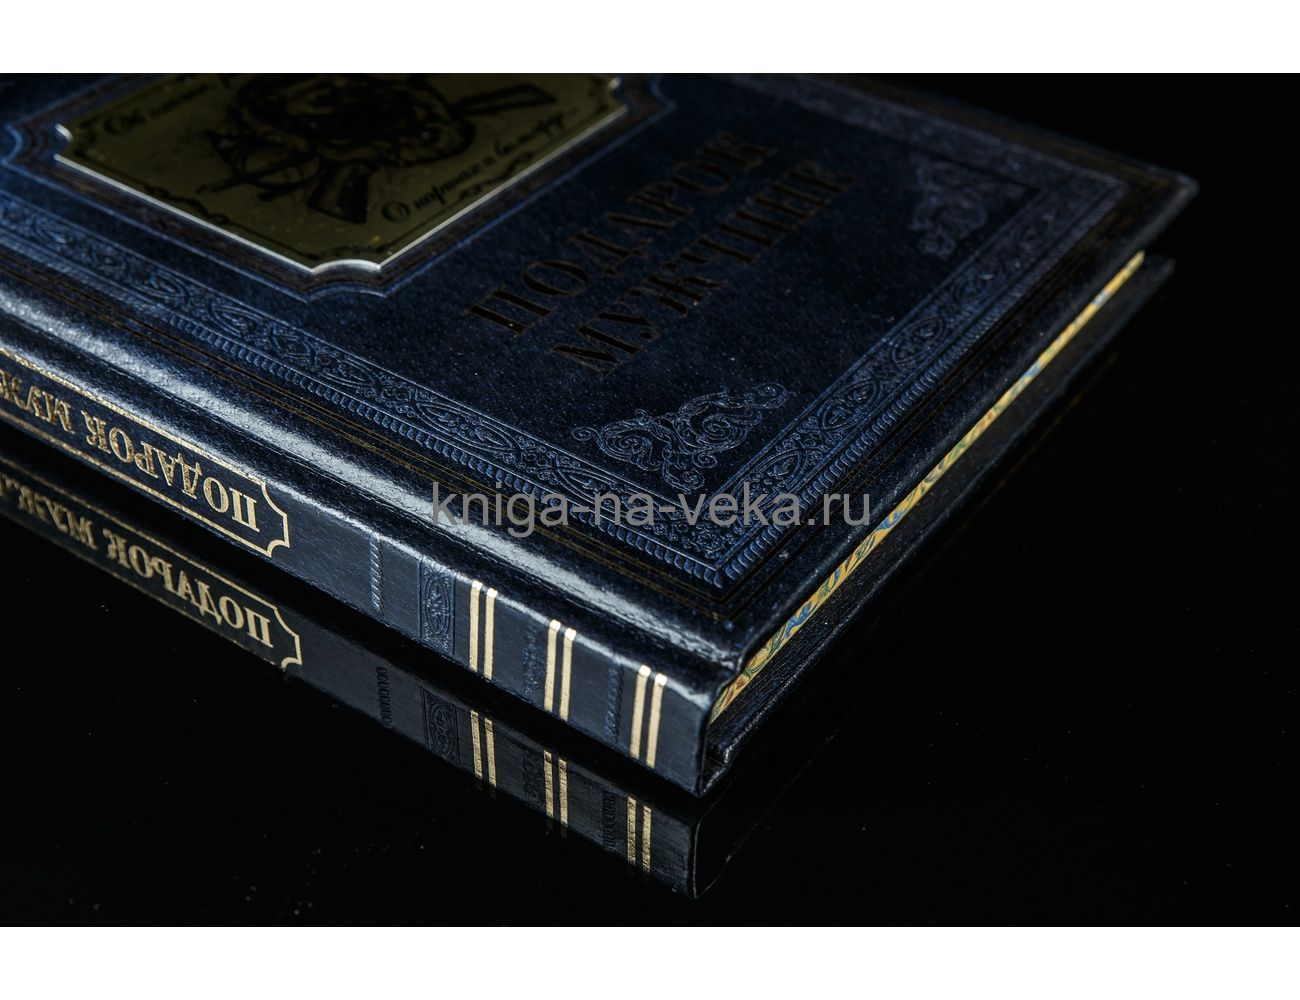 Книга «Подарок мужчине» в кожаном переплёте с пластиной и расписным обрезом